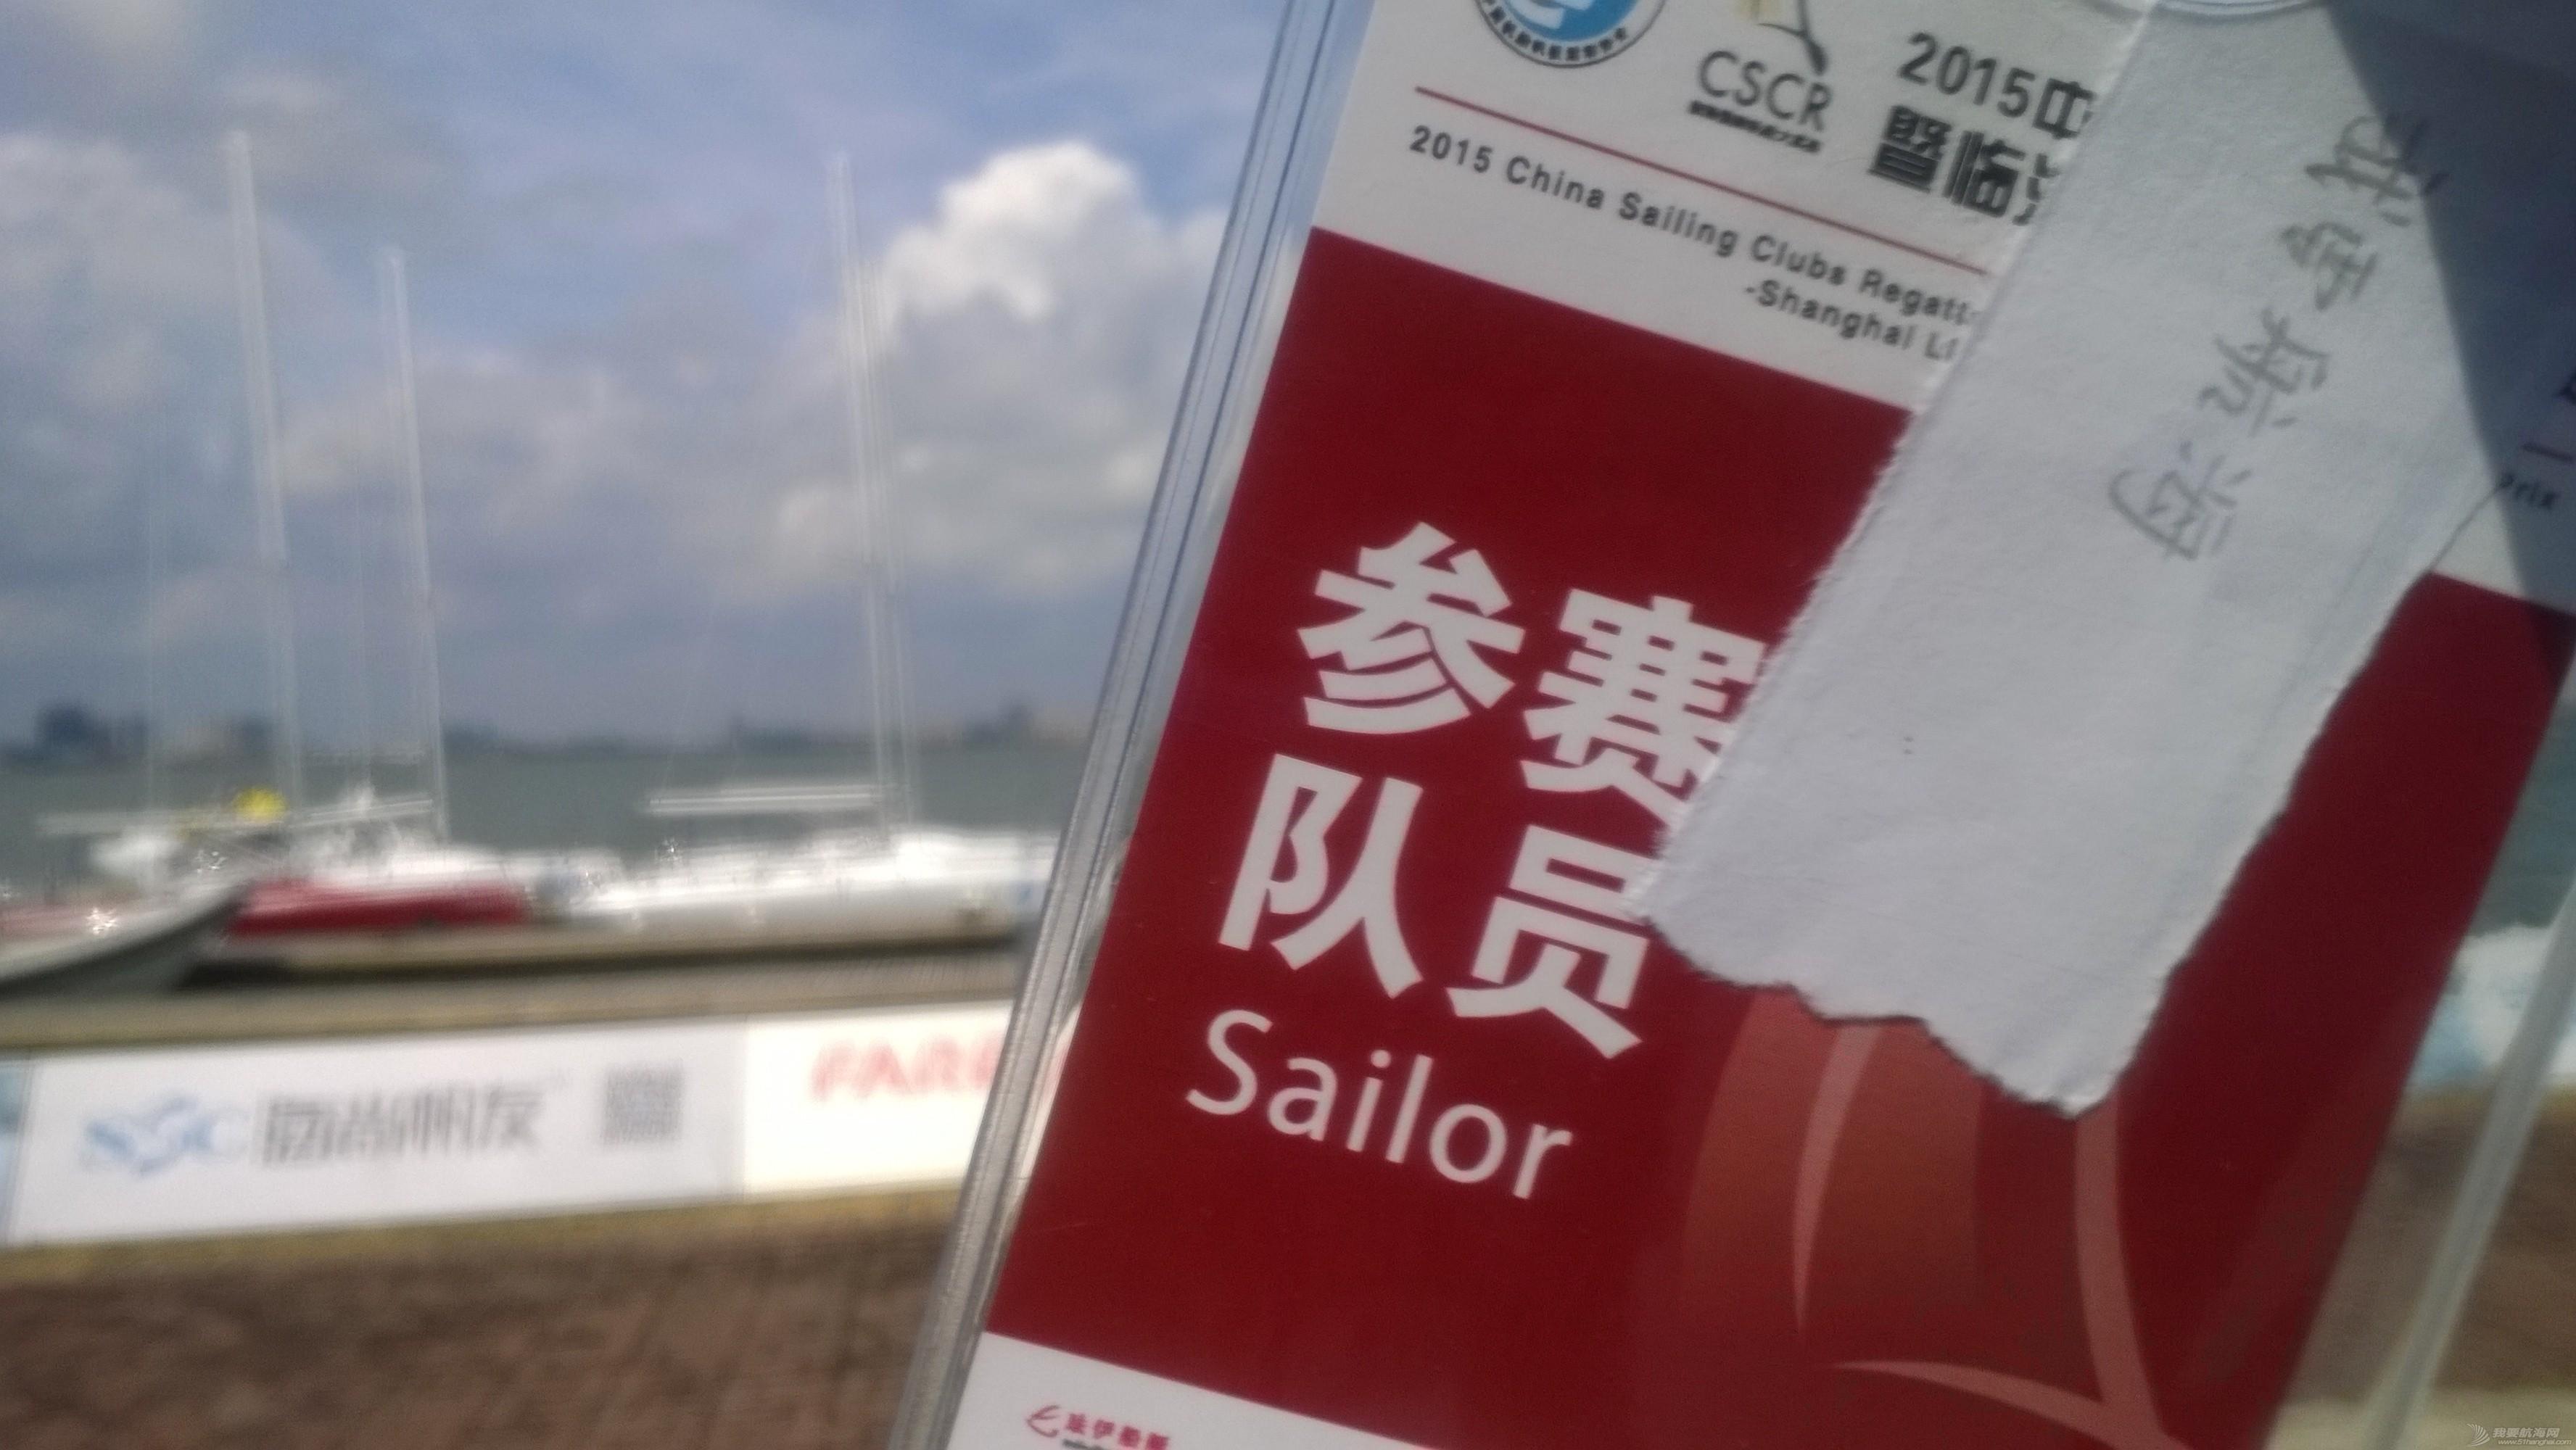 俱乐部,哈工大,吉祥物,代表队,所在地 菜鸟首次比帆赛-记上海临港国际帆船比赛 WP_20150924_001.jpg